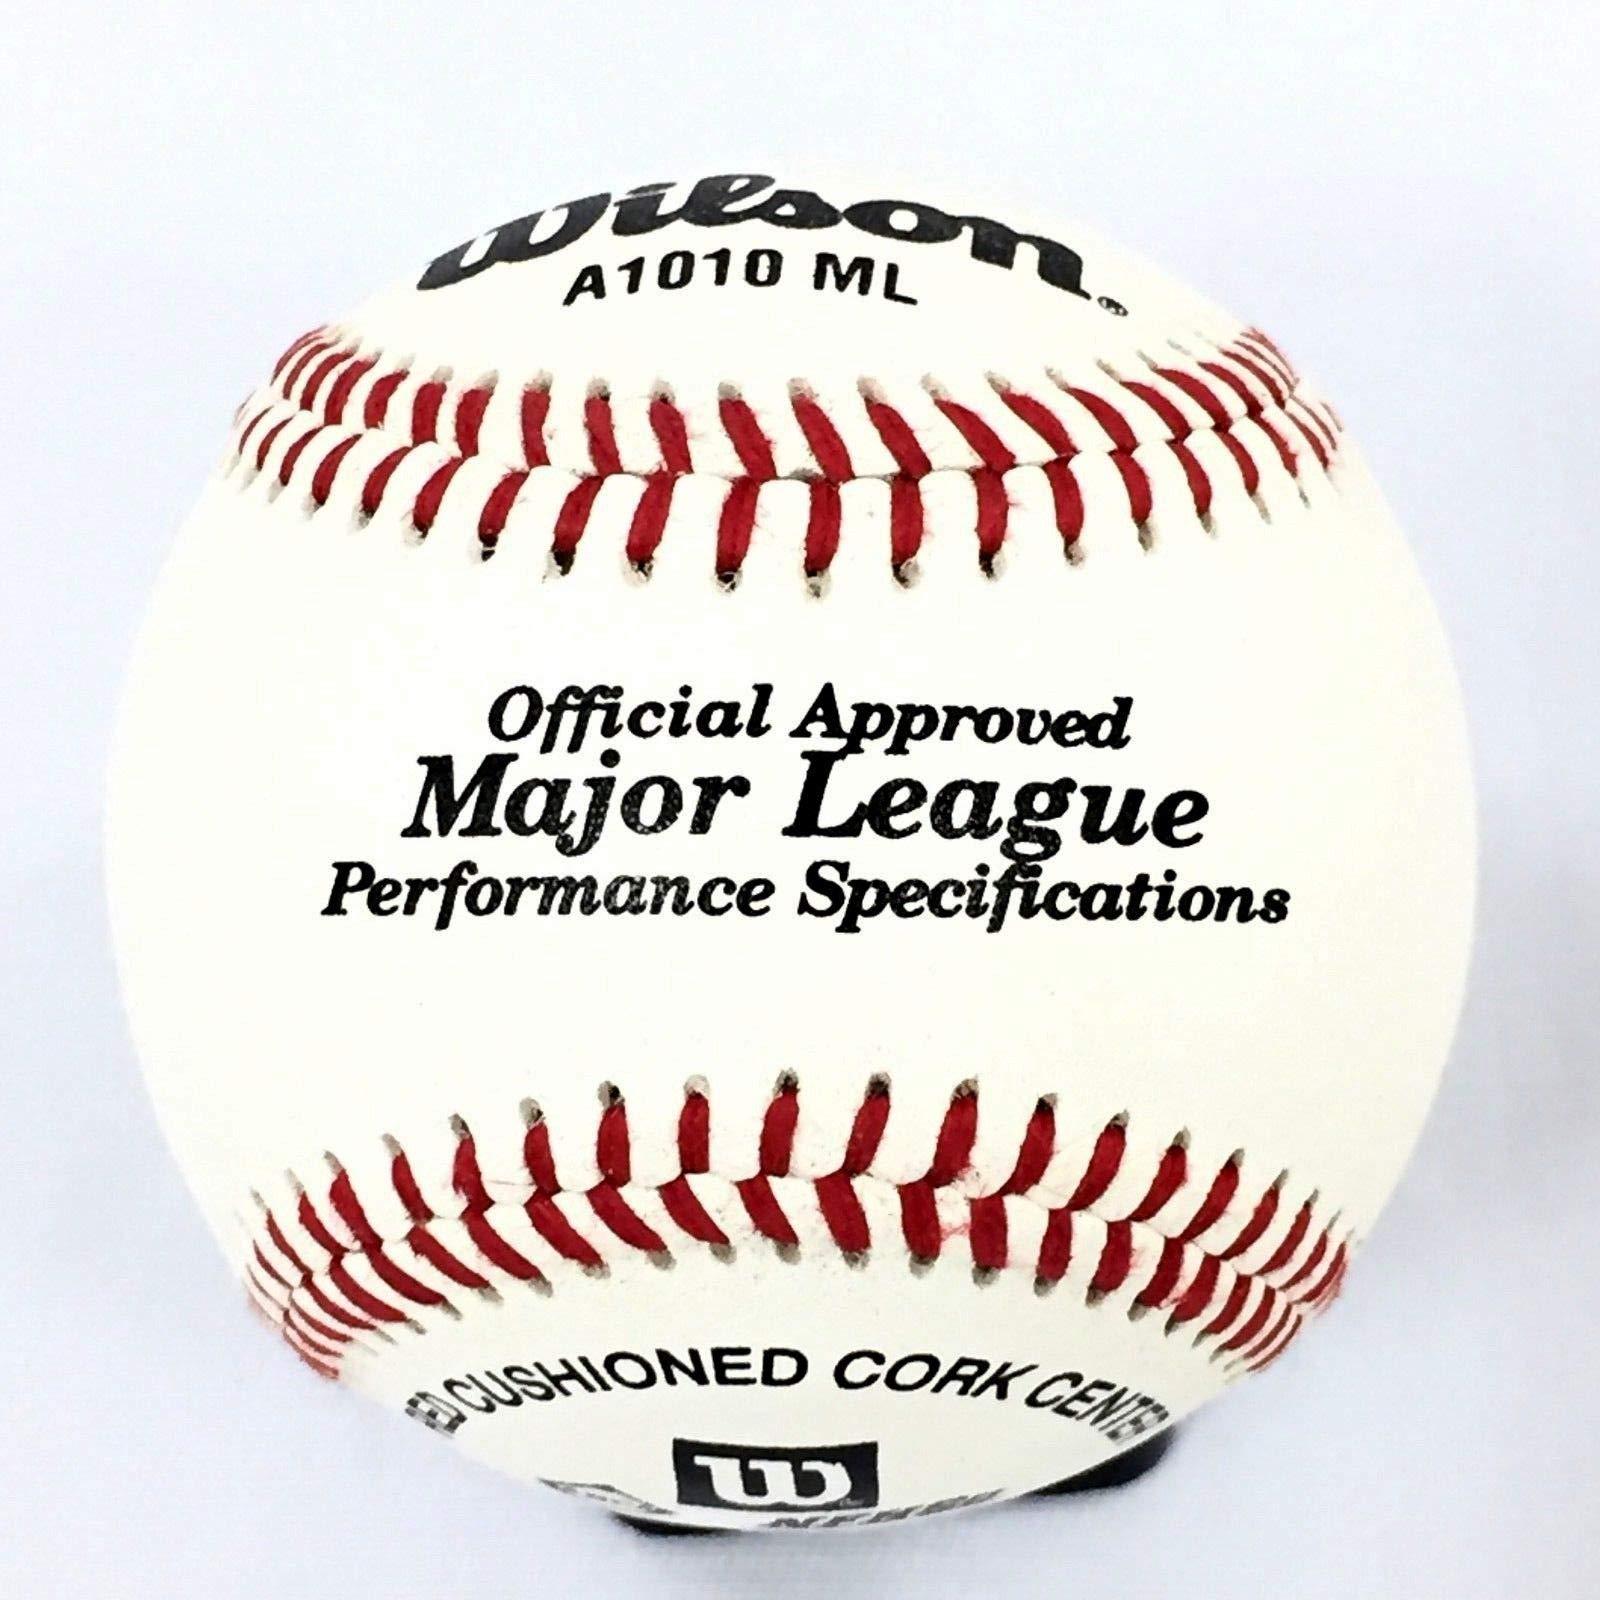 Wilson New A1010 ML Official Major League - Béisbol de béisbol ...